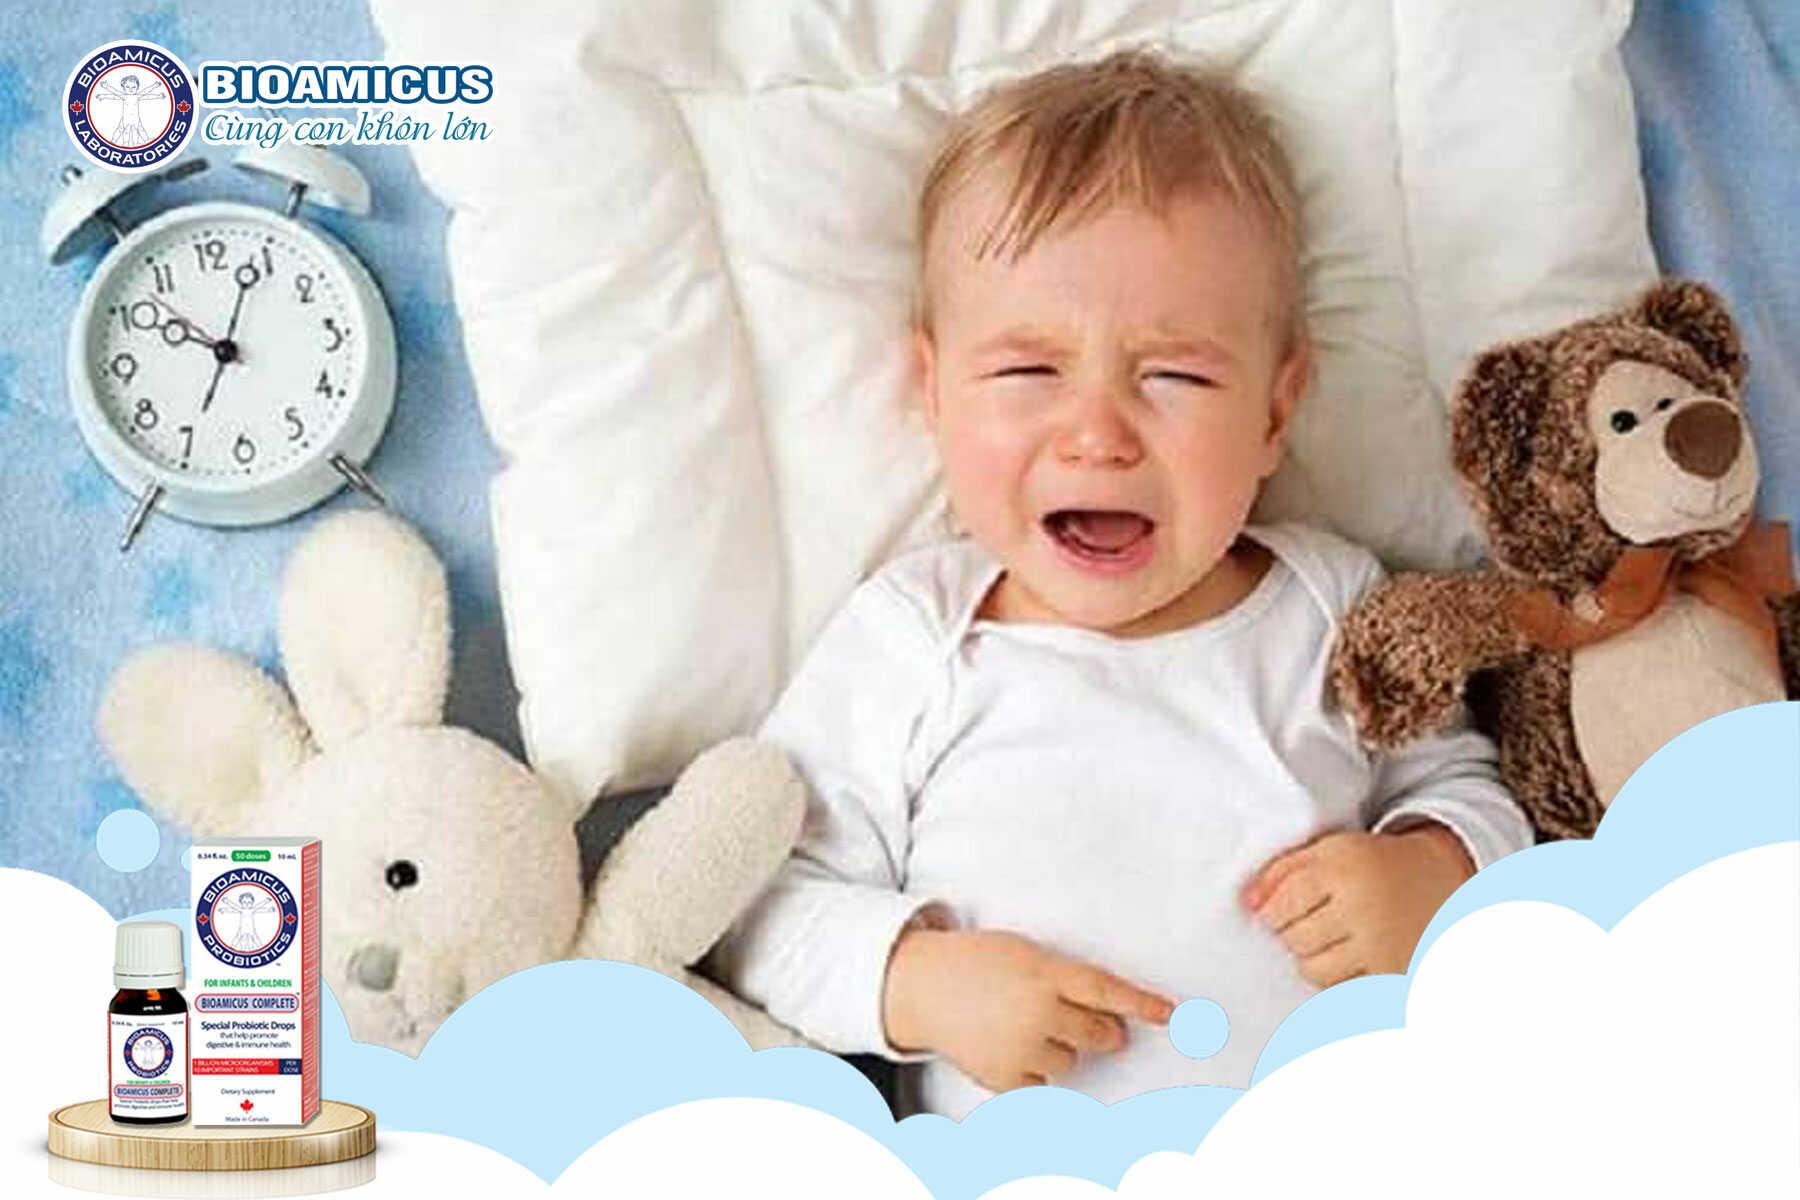 Quấy khóc đêm ở trẻ